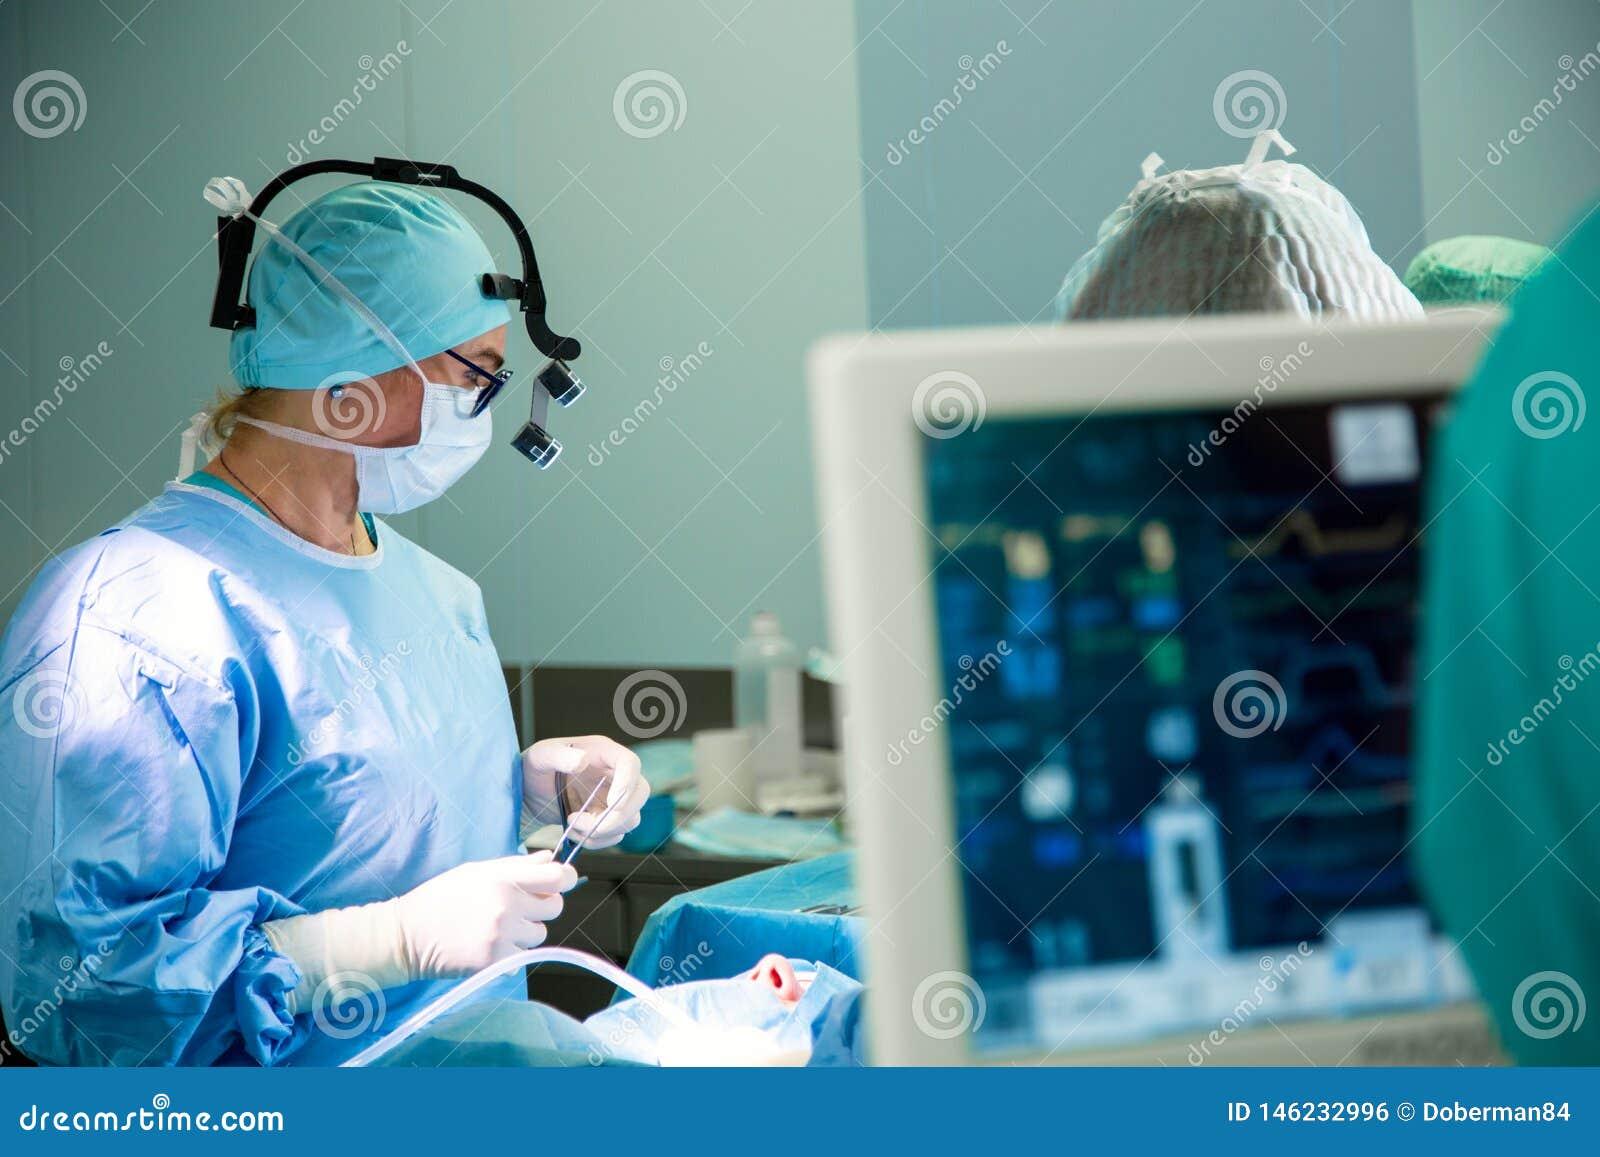 Électrocardiogramme dans la chambre de secours fonctionnante de chirurgie d hôpital montrant la fréquence cardiaque patiente avec